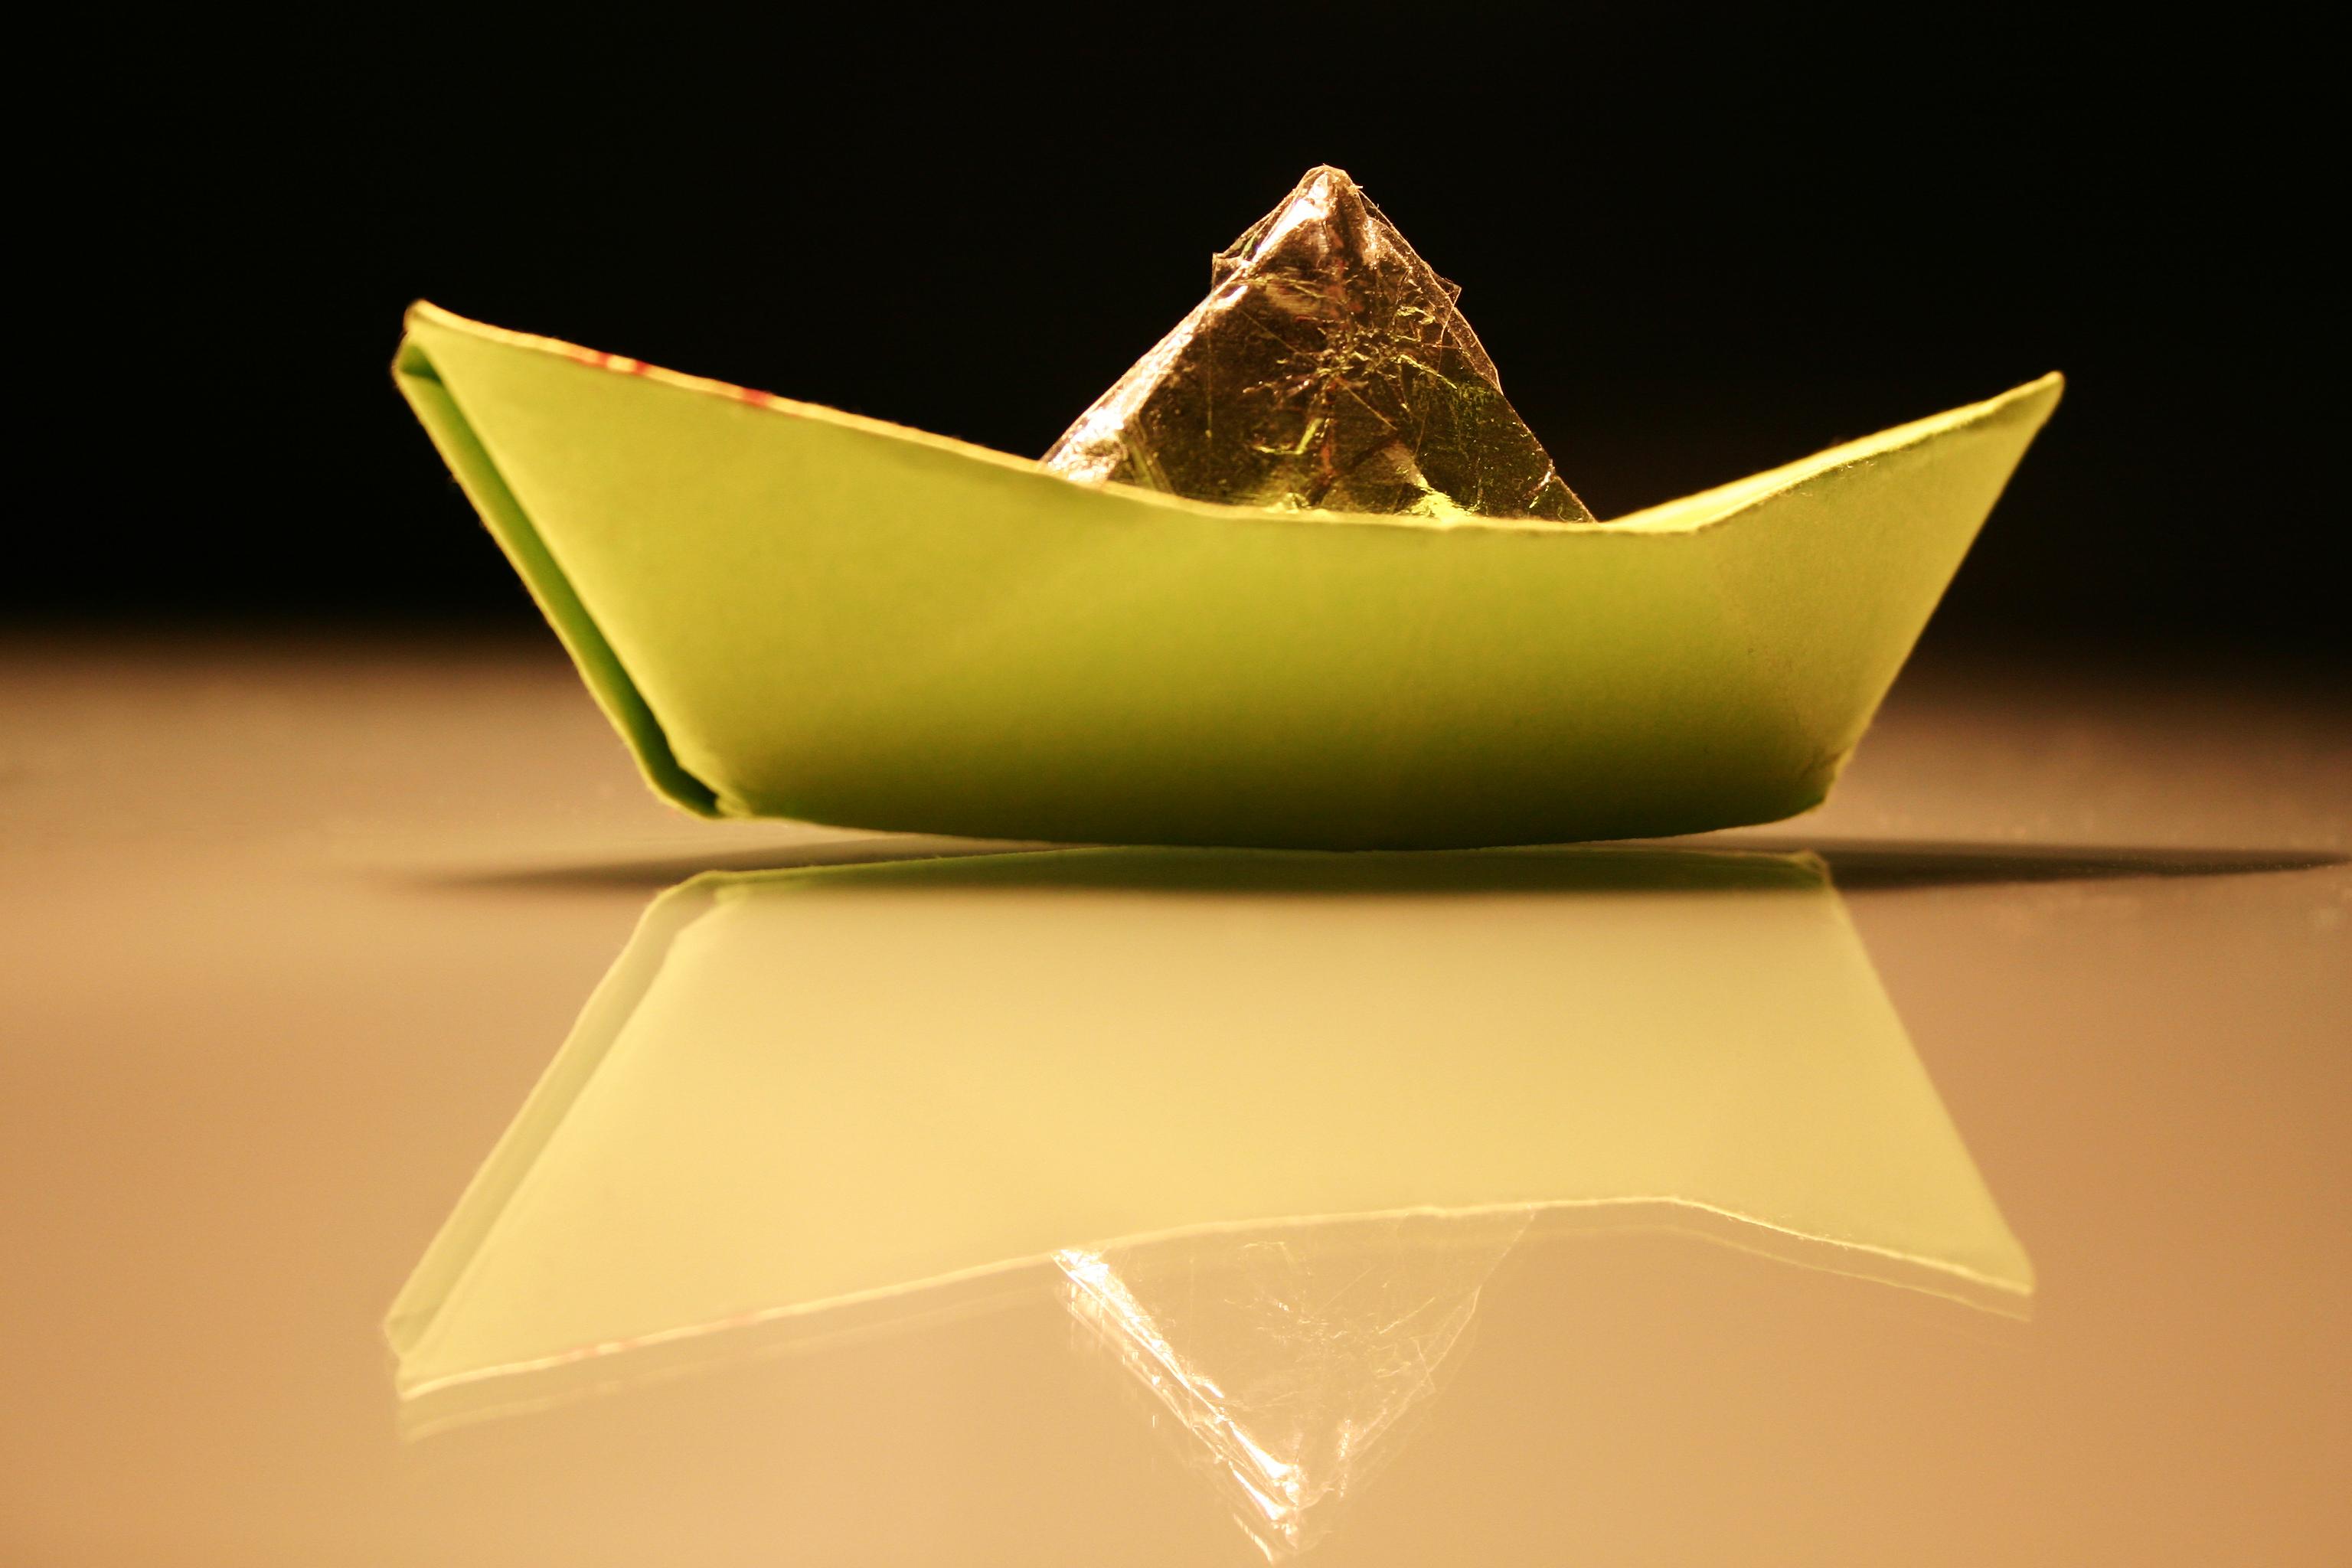 barco de papel2_sxc.jpg